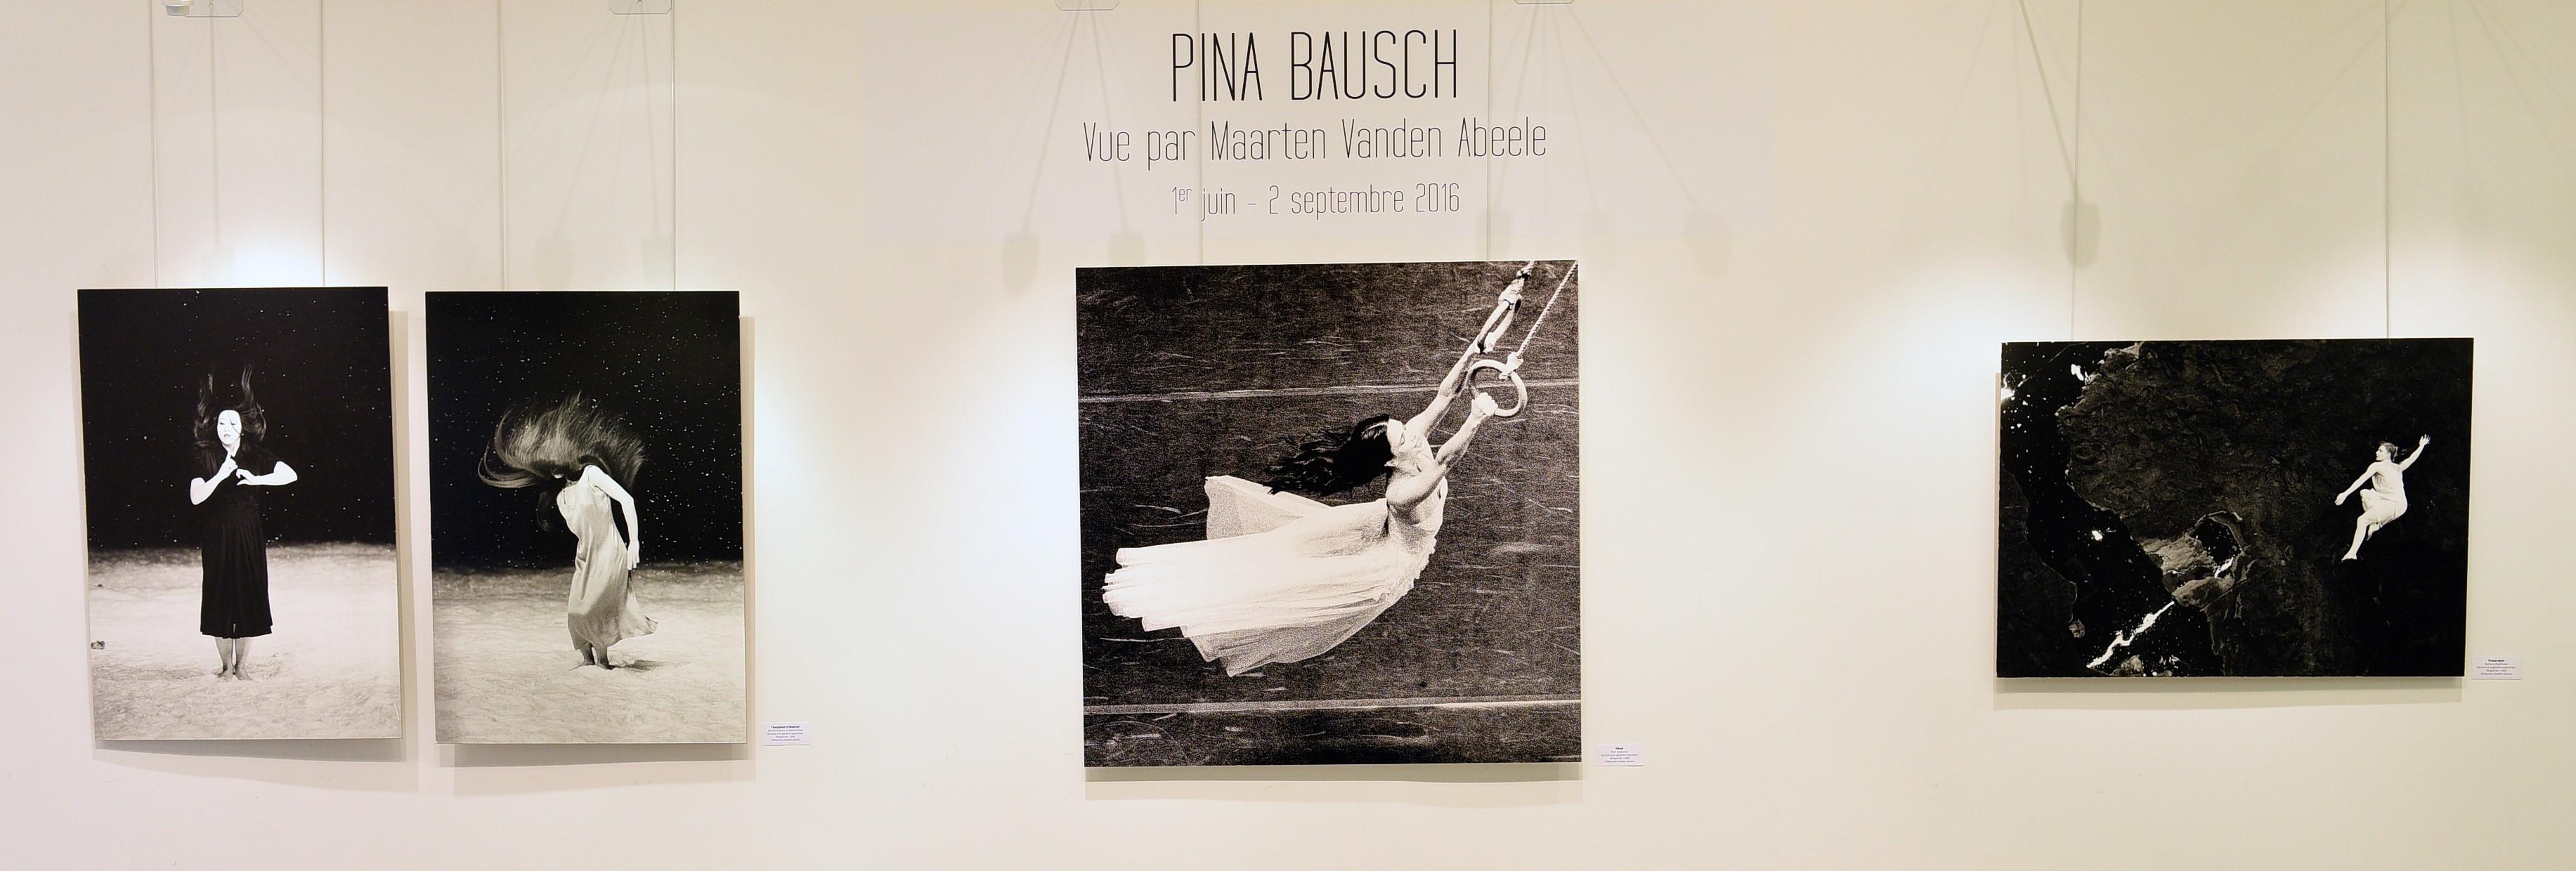 Mostra Pina Bausch